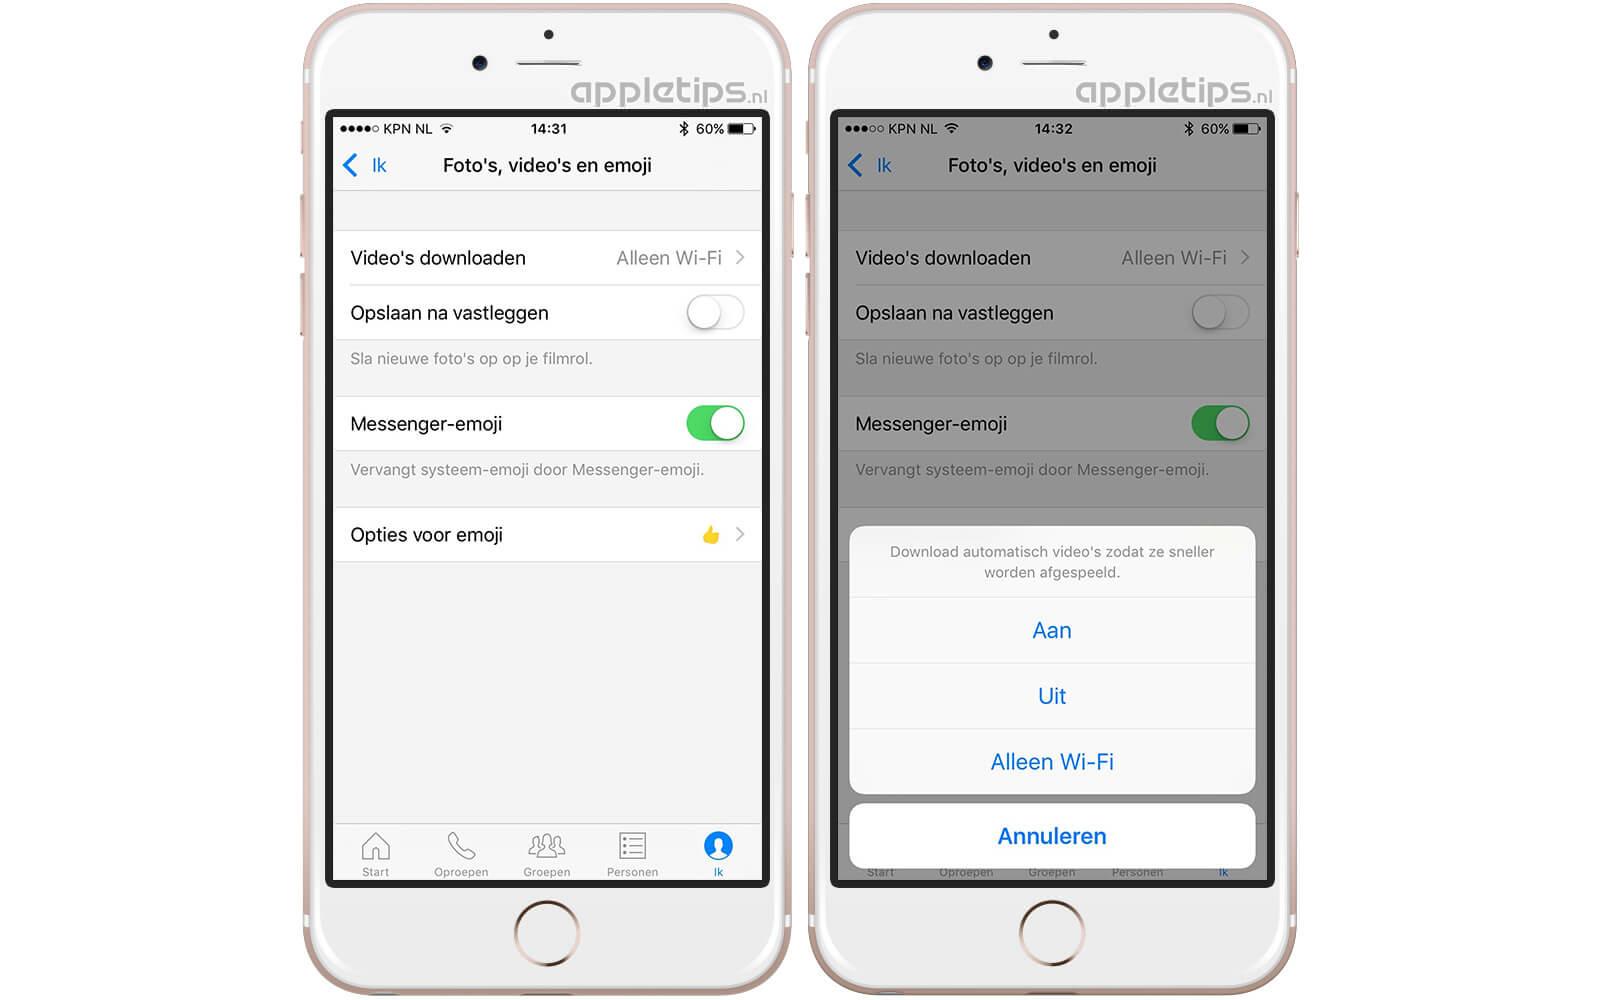 7e6d3c8be7e456 Vervolgens zal er een pop-up menu tevoorschijn komen. Je krijgt drie keuzes  te zien waarmee je het automatisch downloaden aan of uit kunt zetten. De  optie ' ...